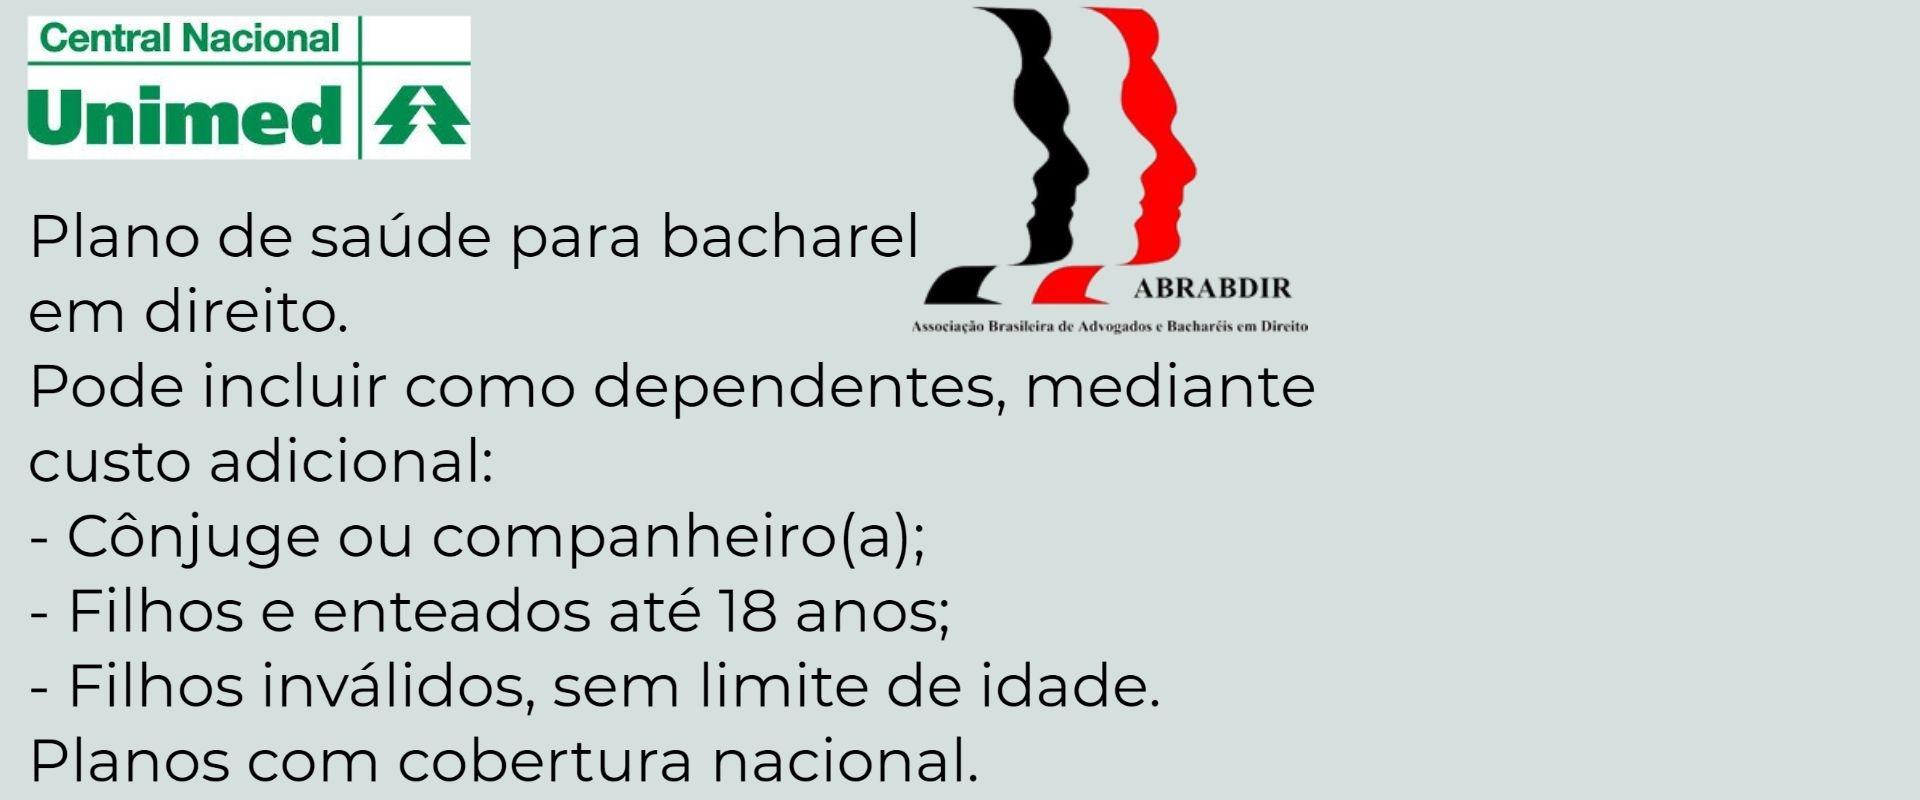 Unimed ABRABDIR Santos